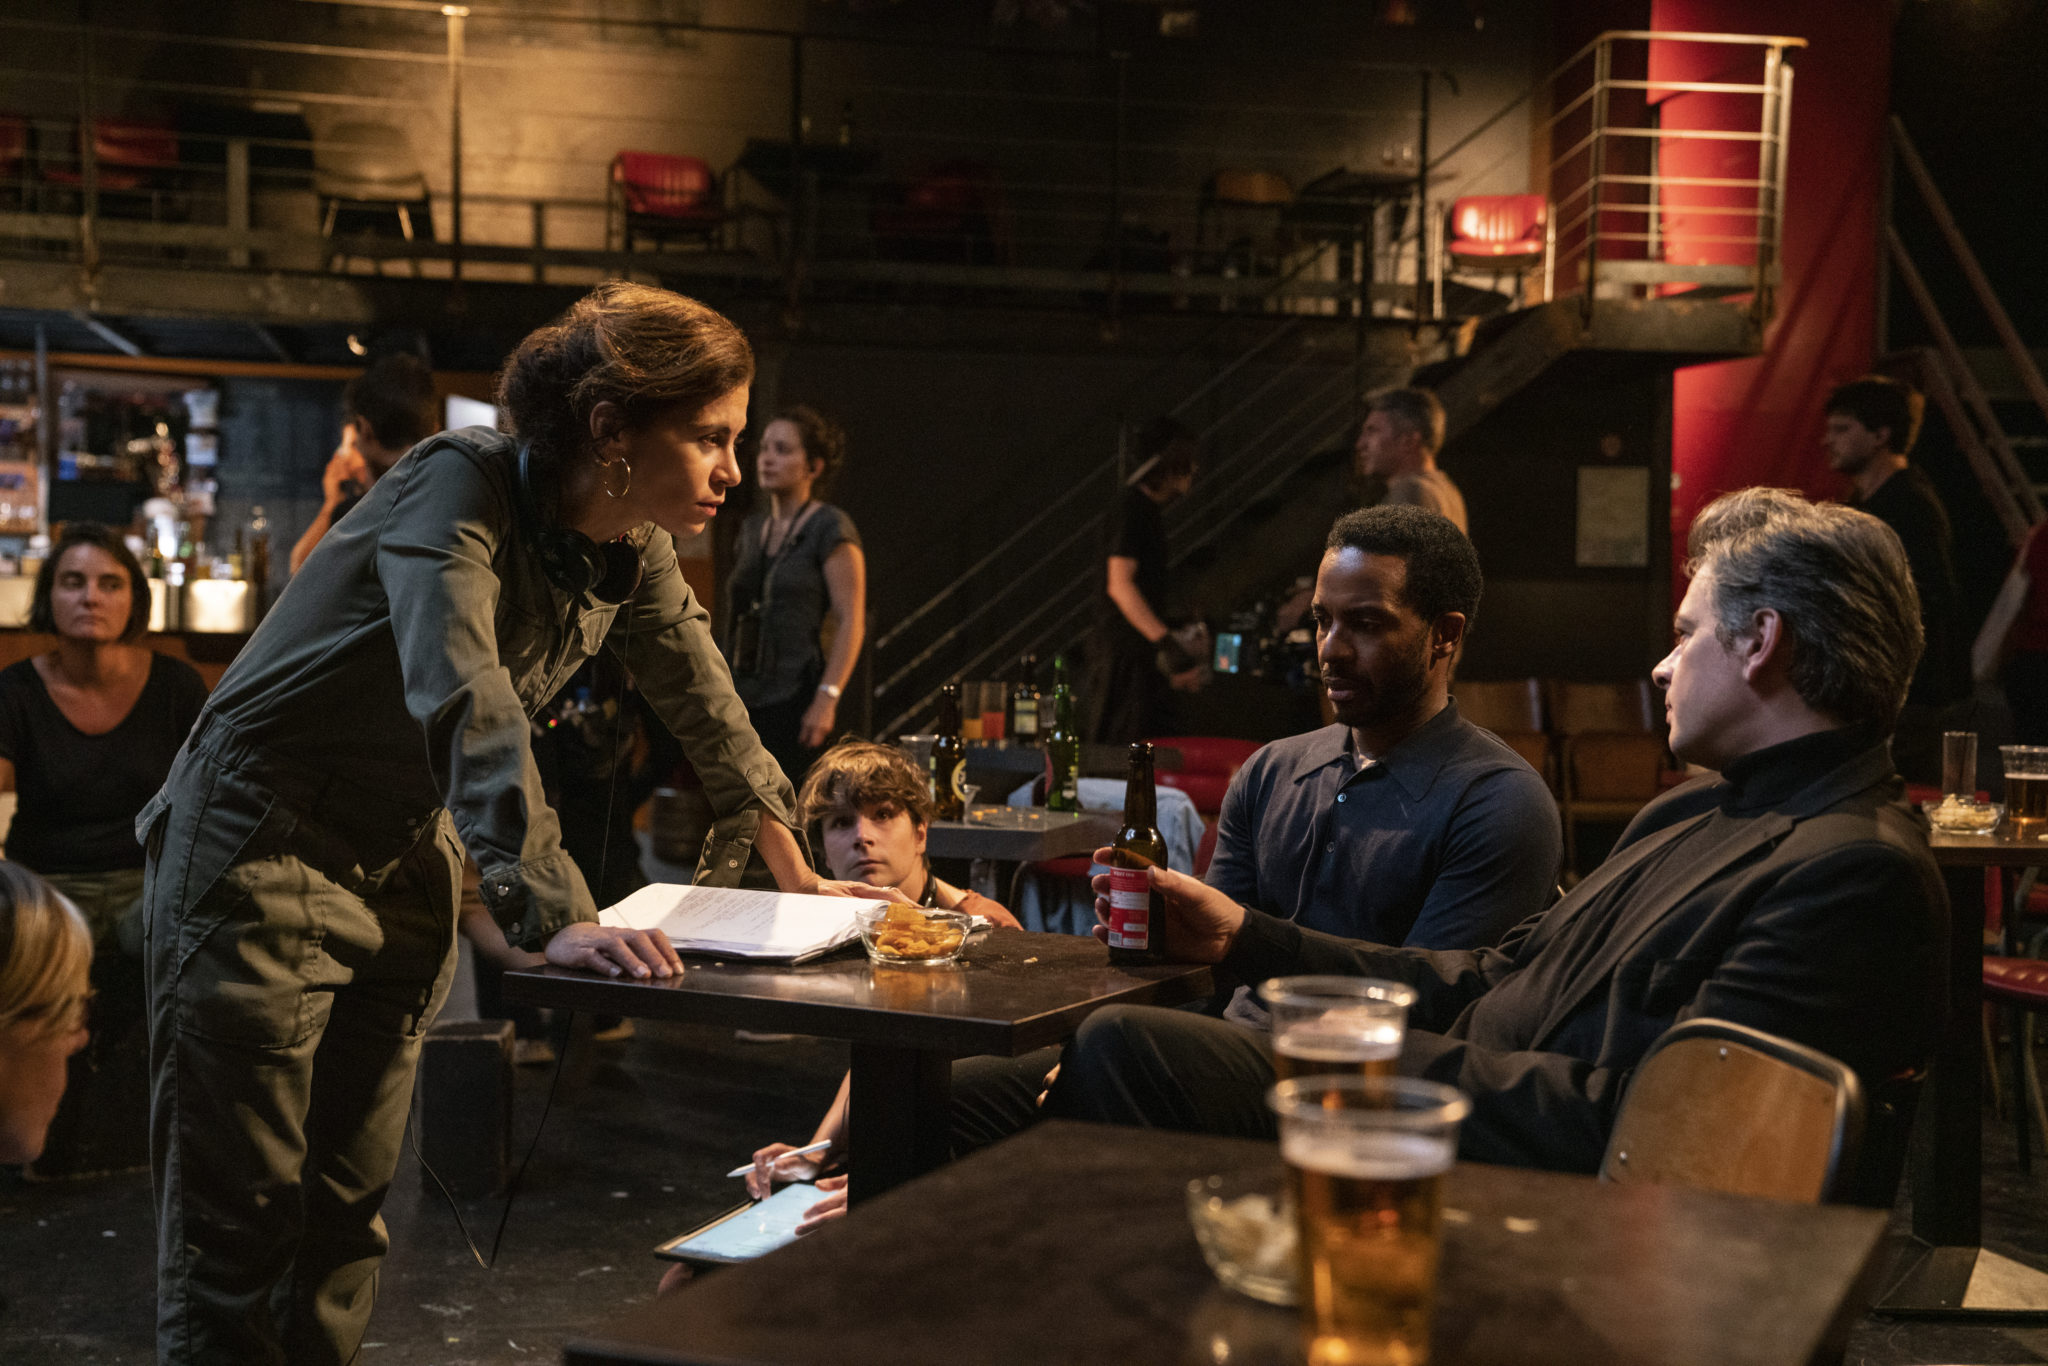 In The Eddy wird in einem Jazzclub heftig diskutiert, auf den Tischen stehen Getränke, drumherum sitzen einige Leute